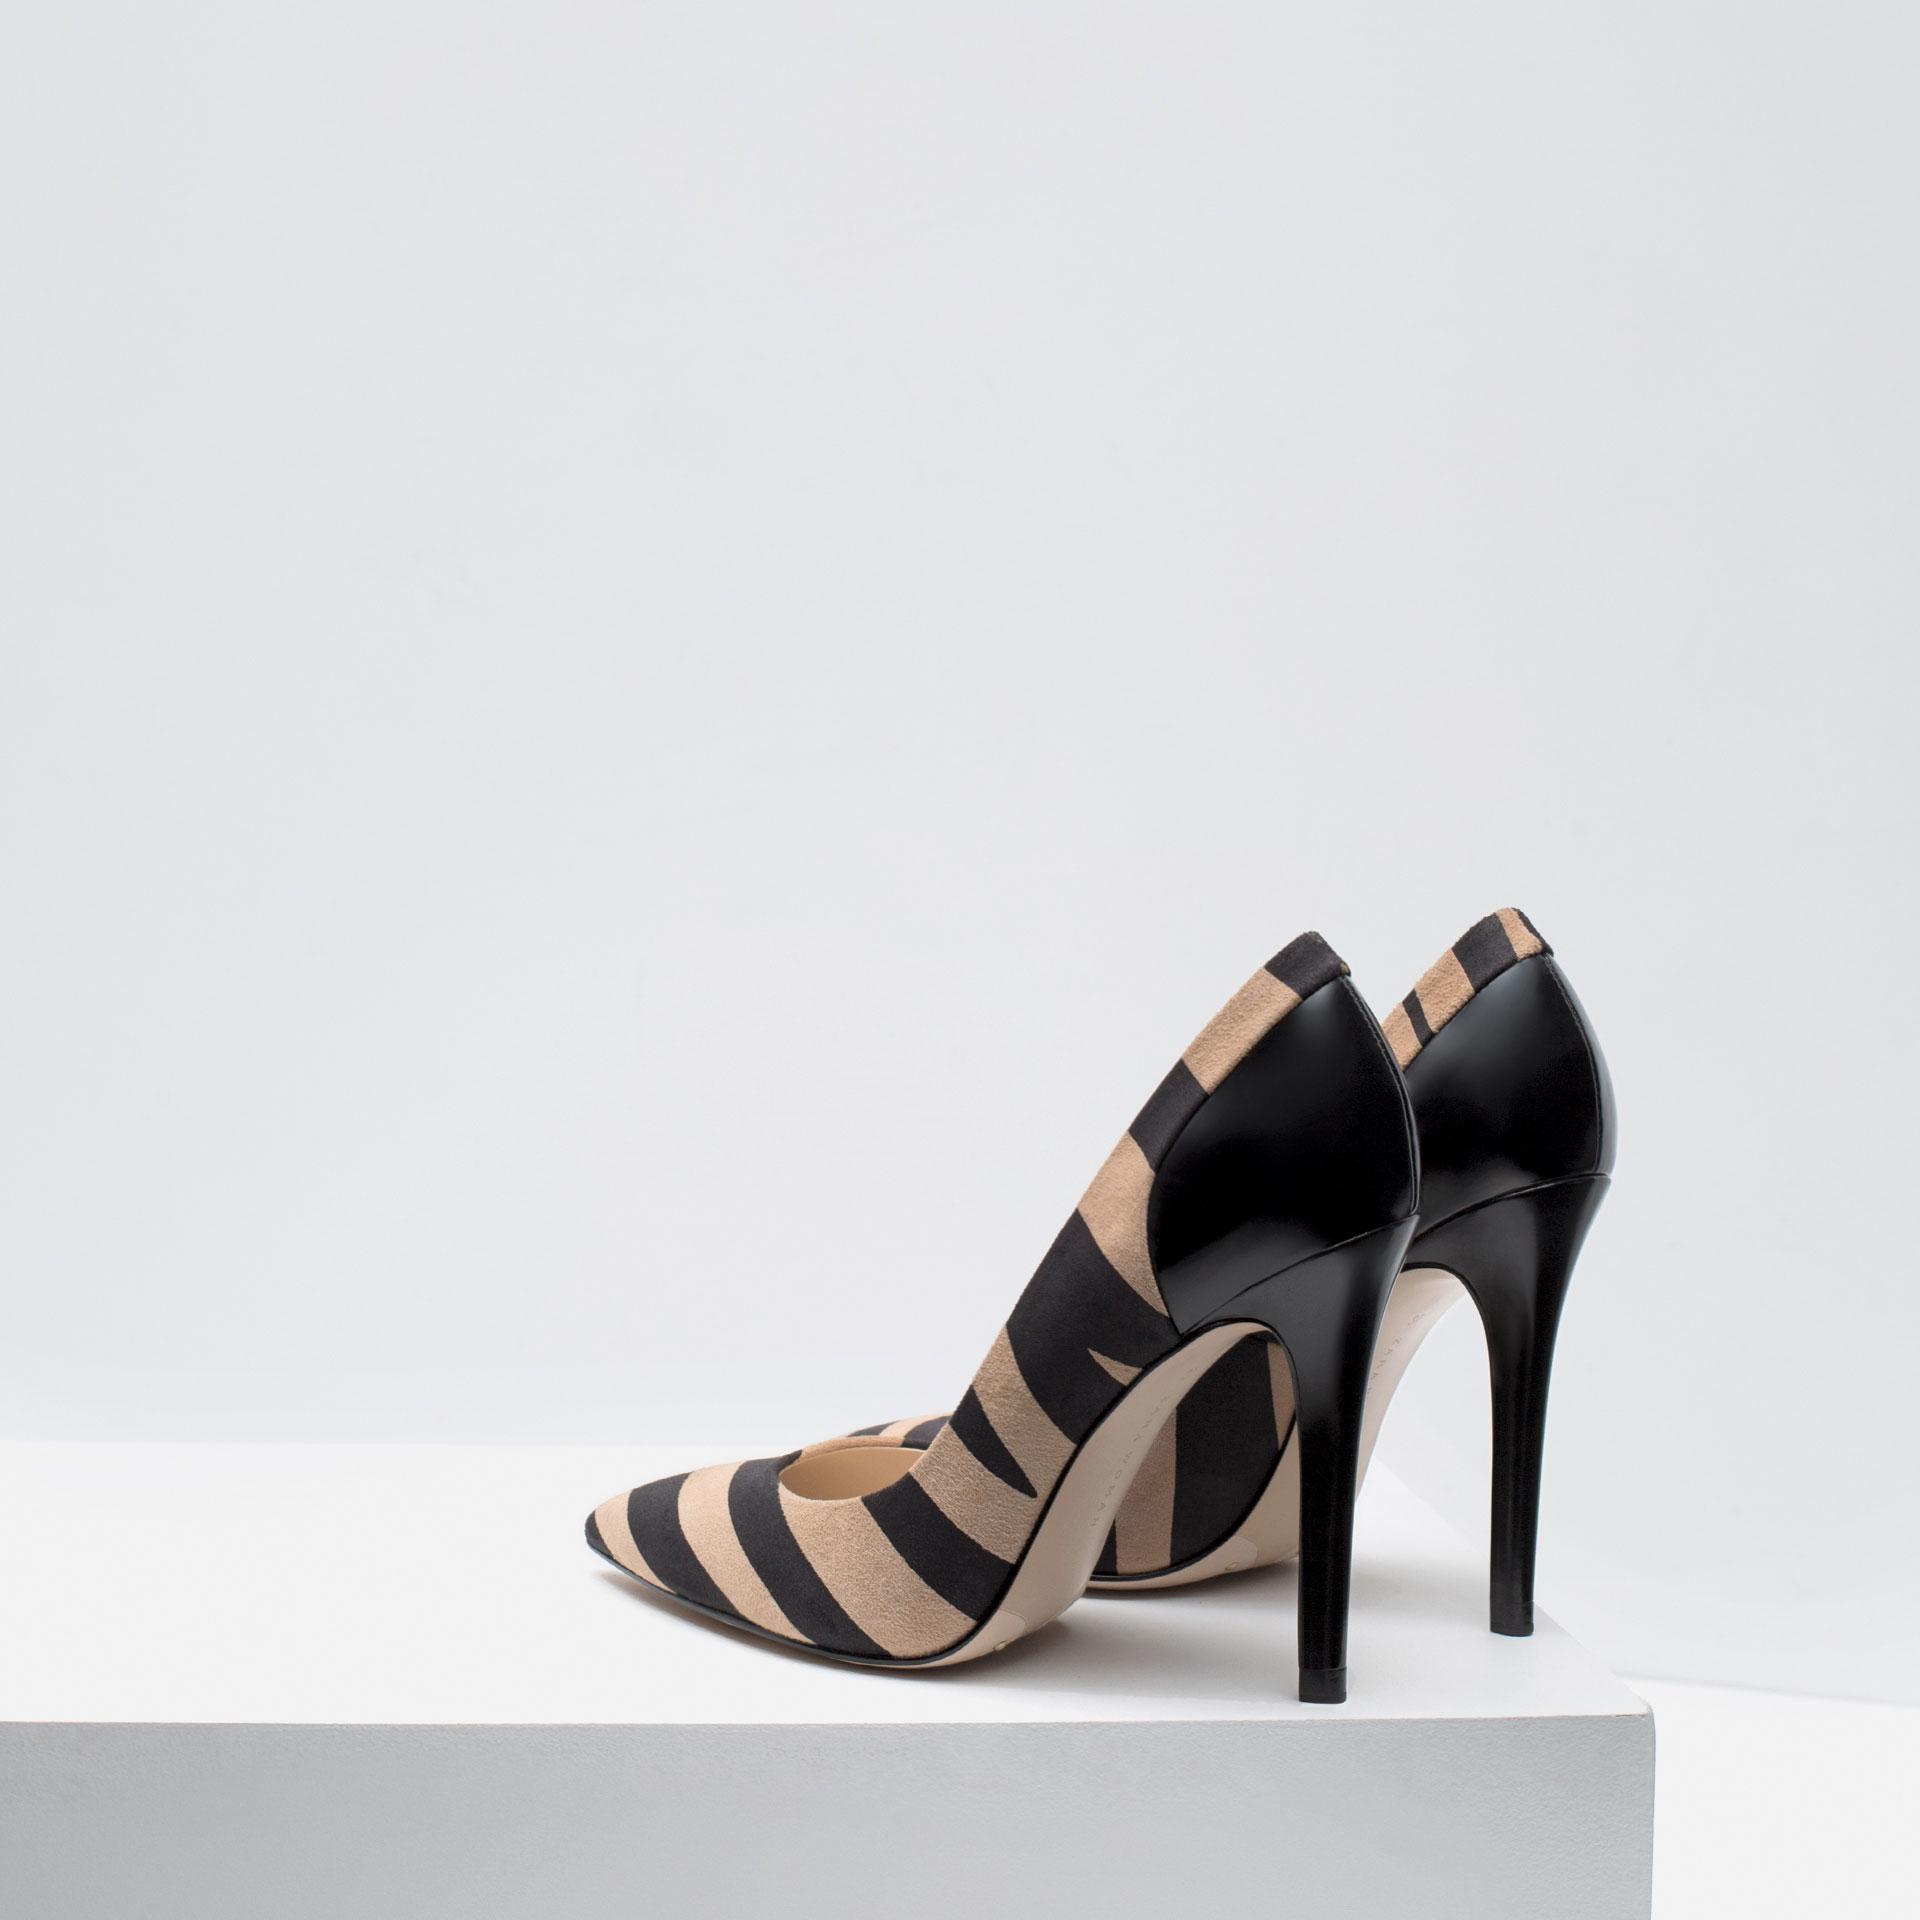 Model Zara Laminated Flat Shoes In Metallic